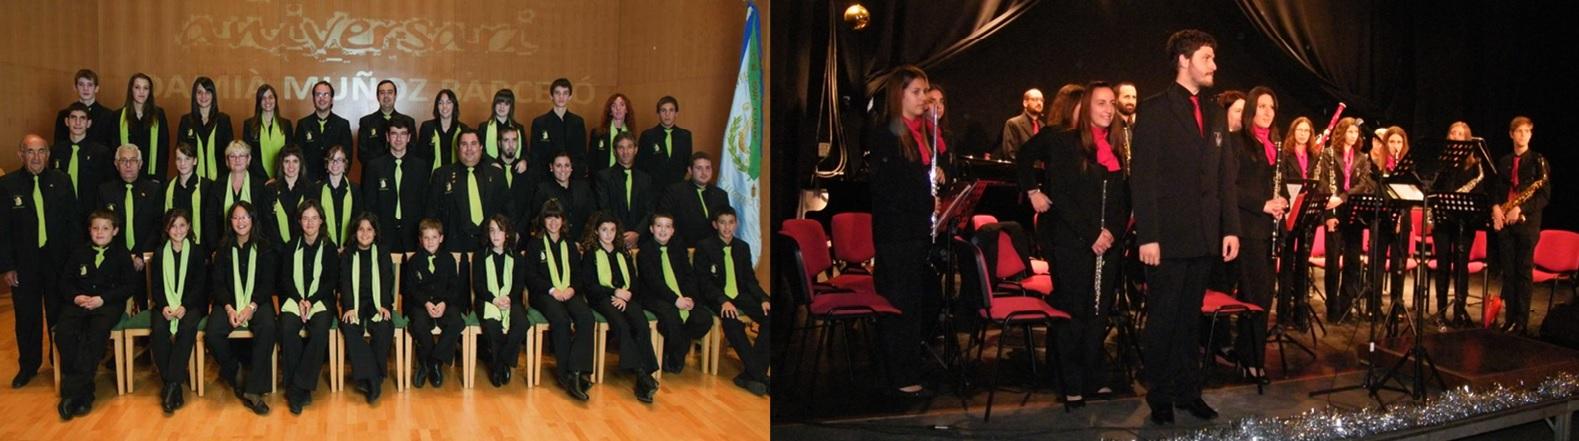 La Banda de Música de Sant Llorenç i la Banda de Música de Son Servera